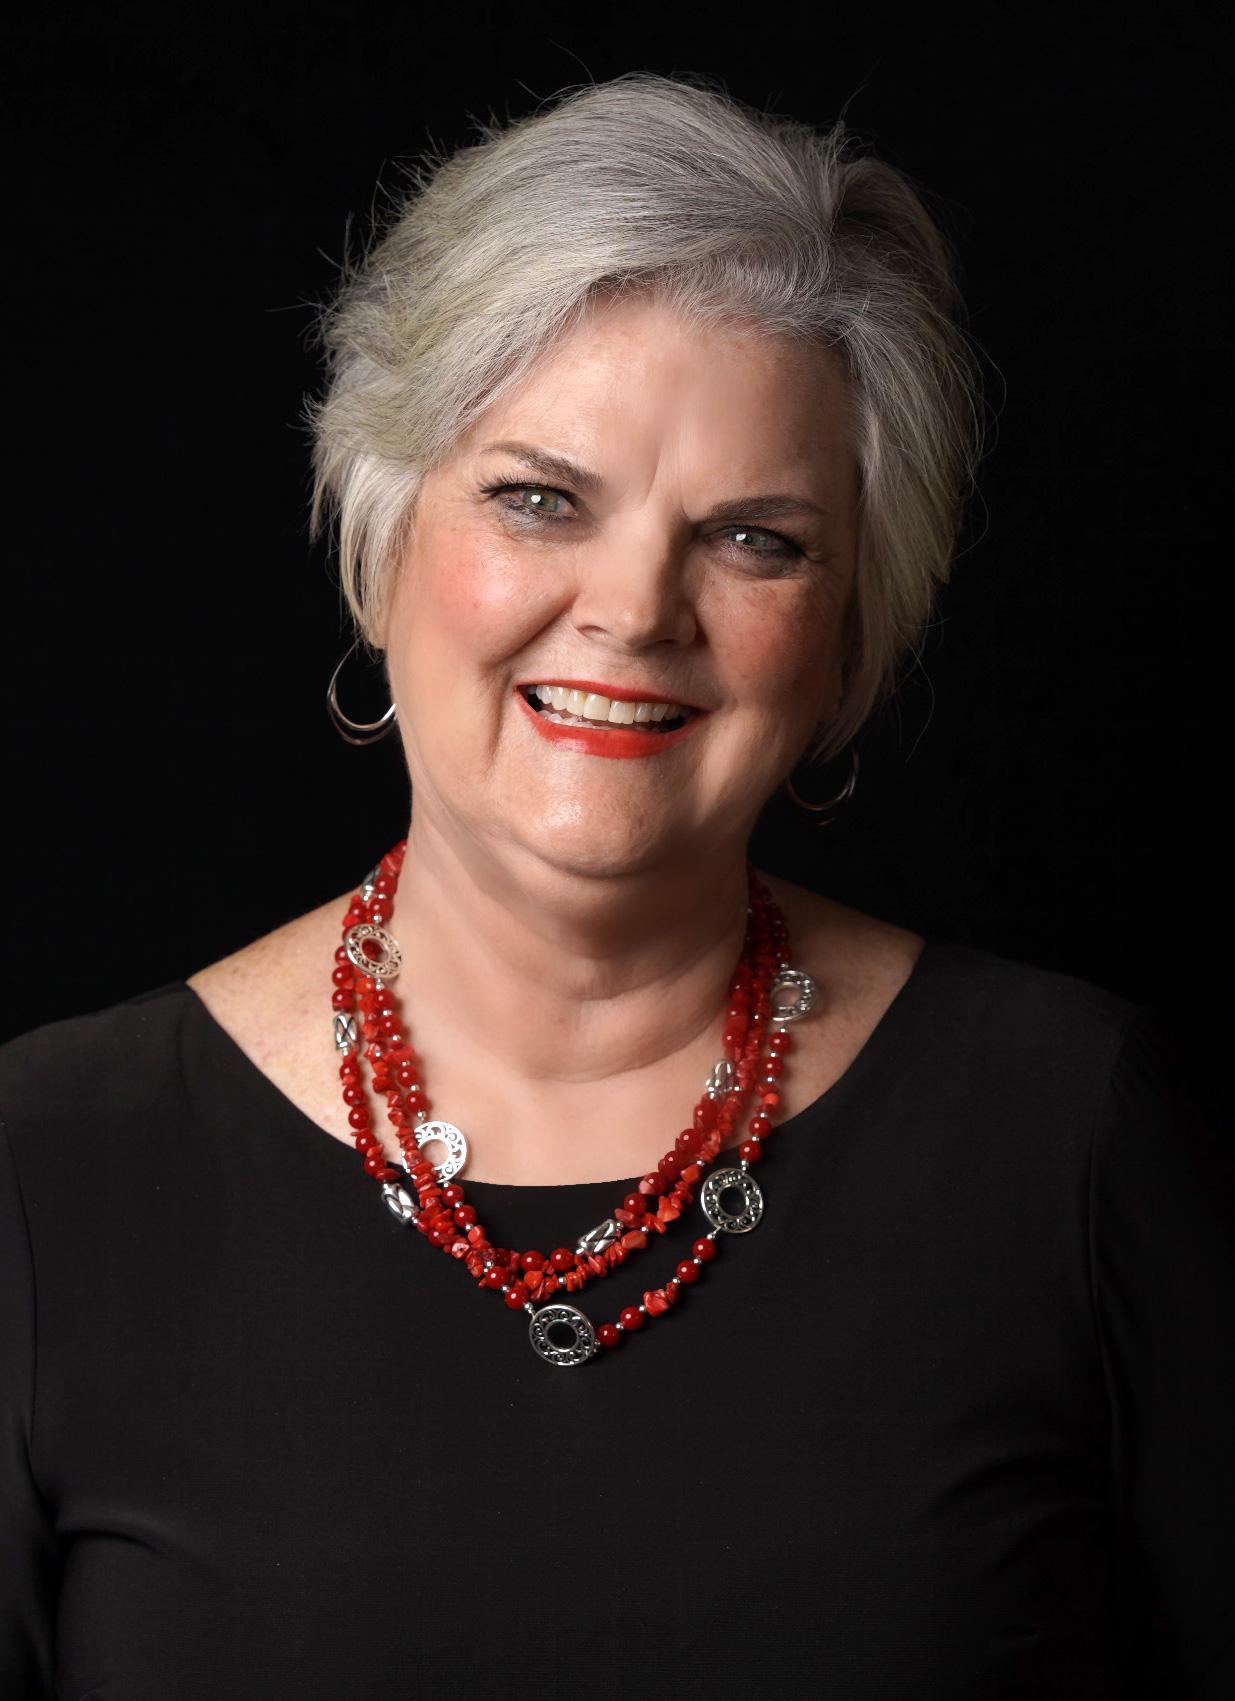 Brenda Barr